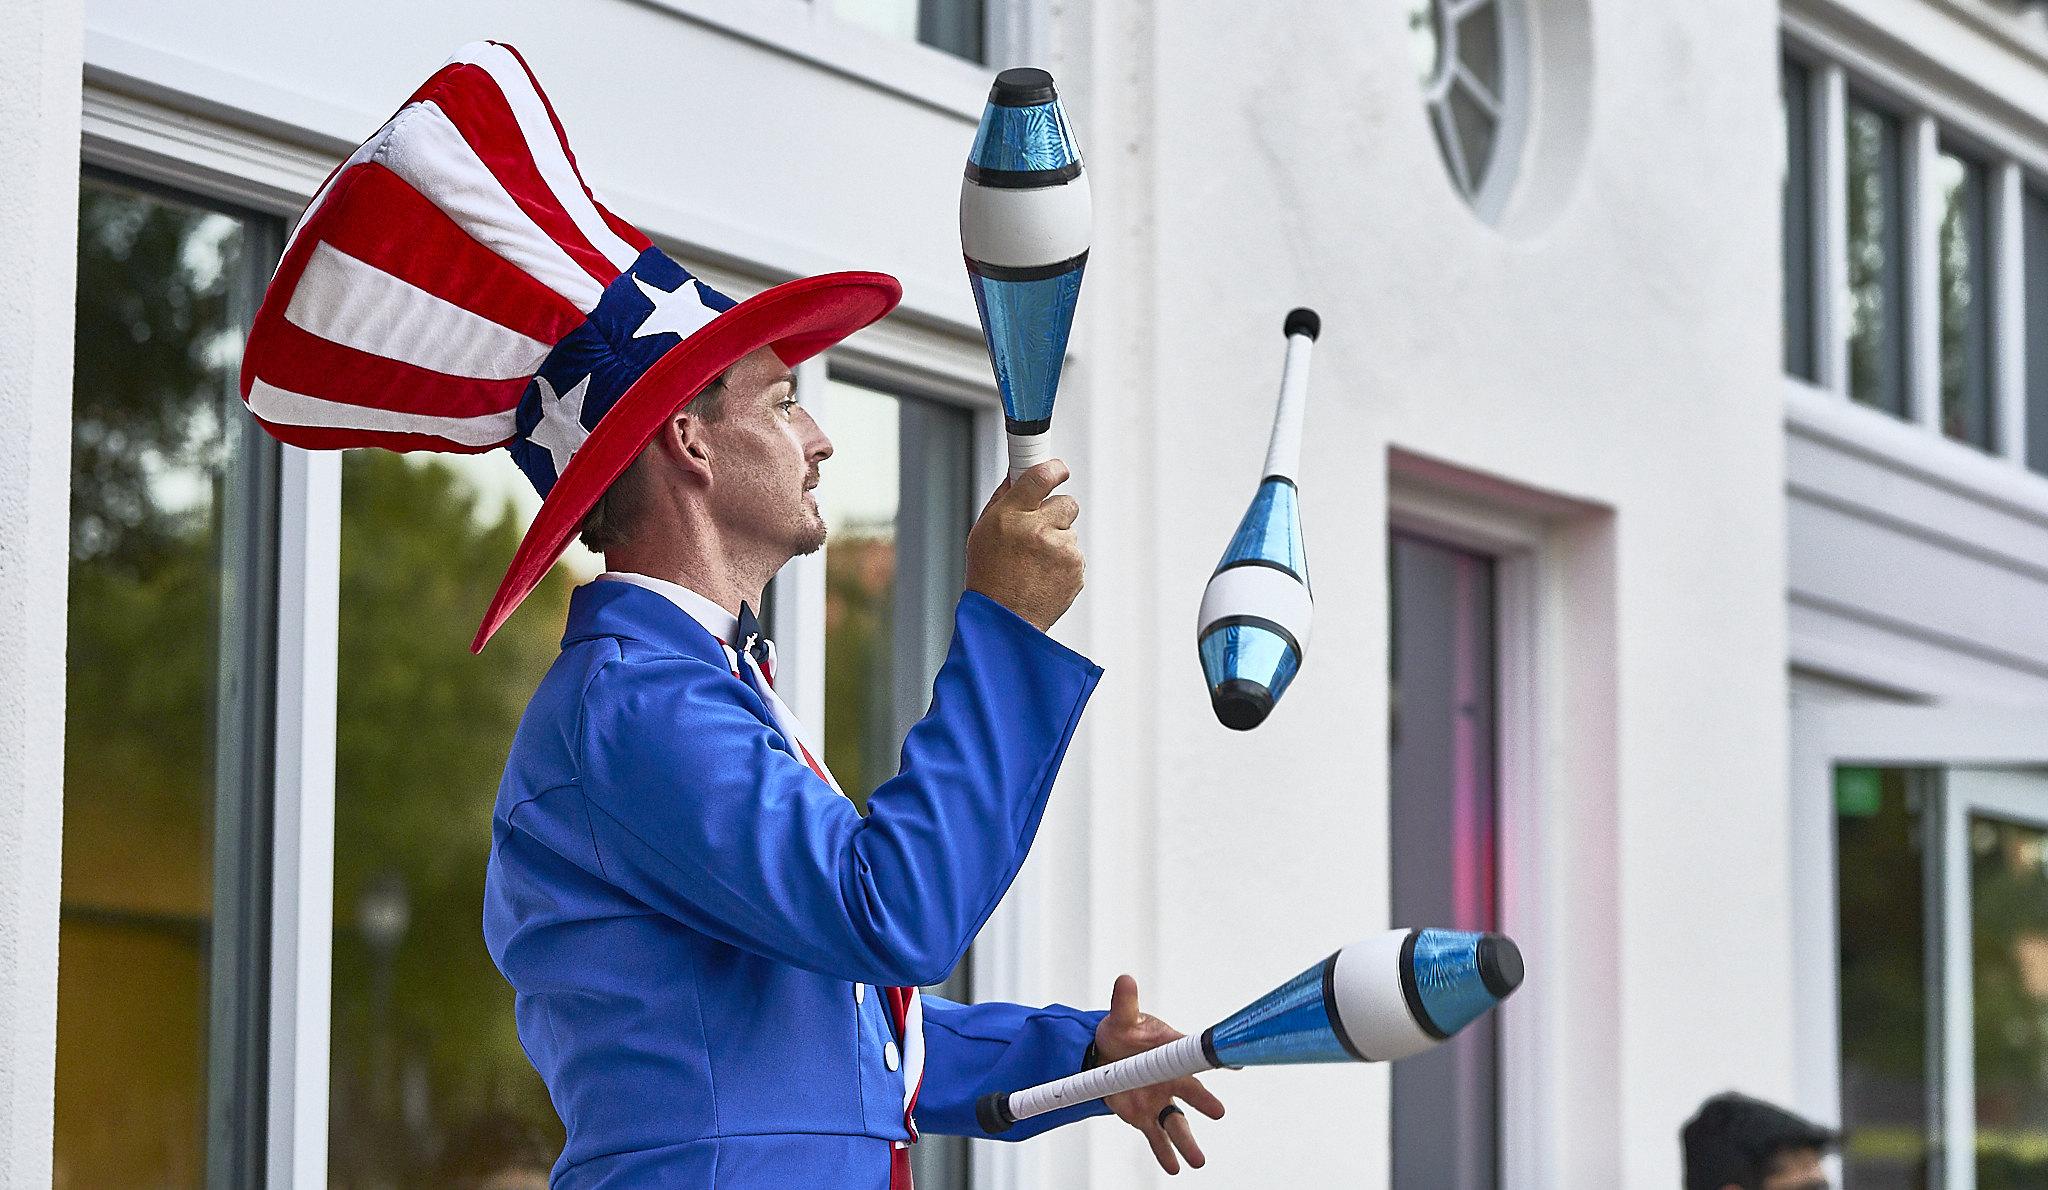 Juggling Uncle Sam